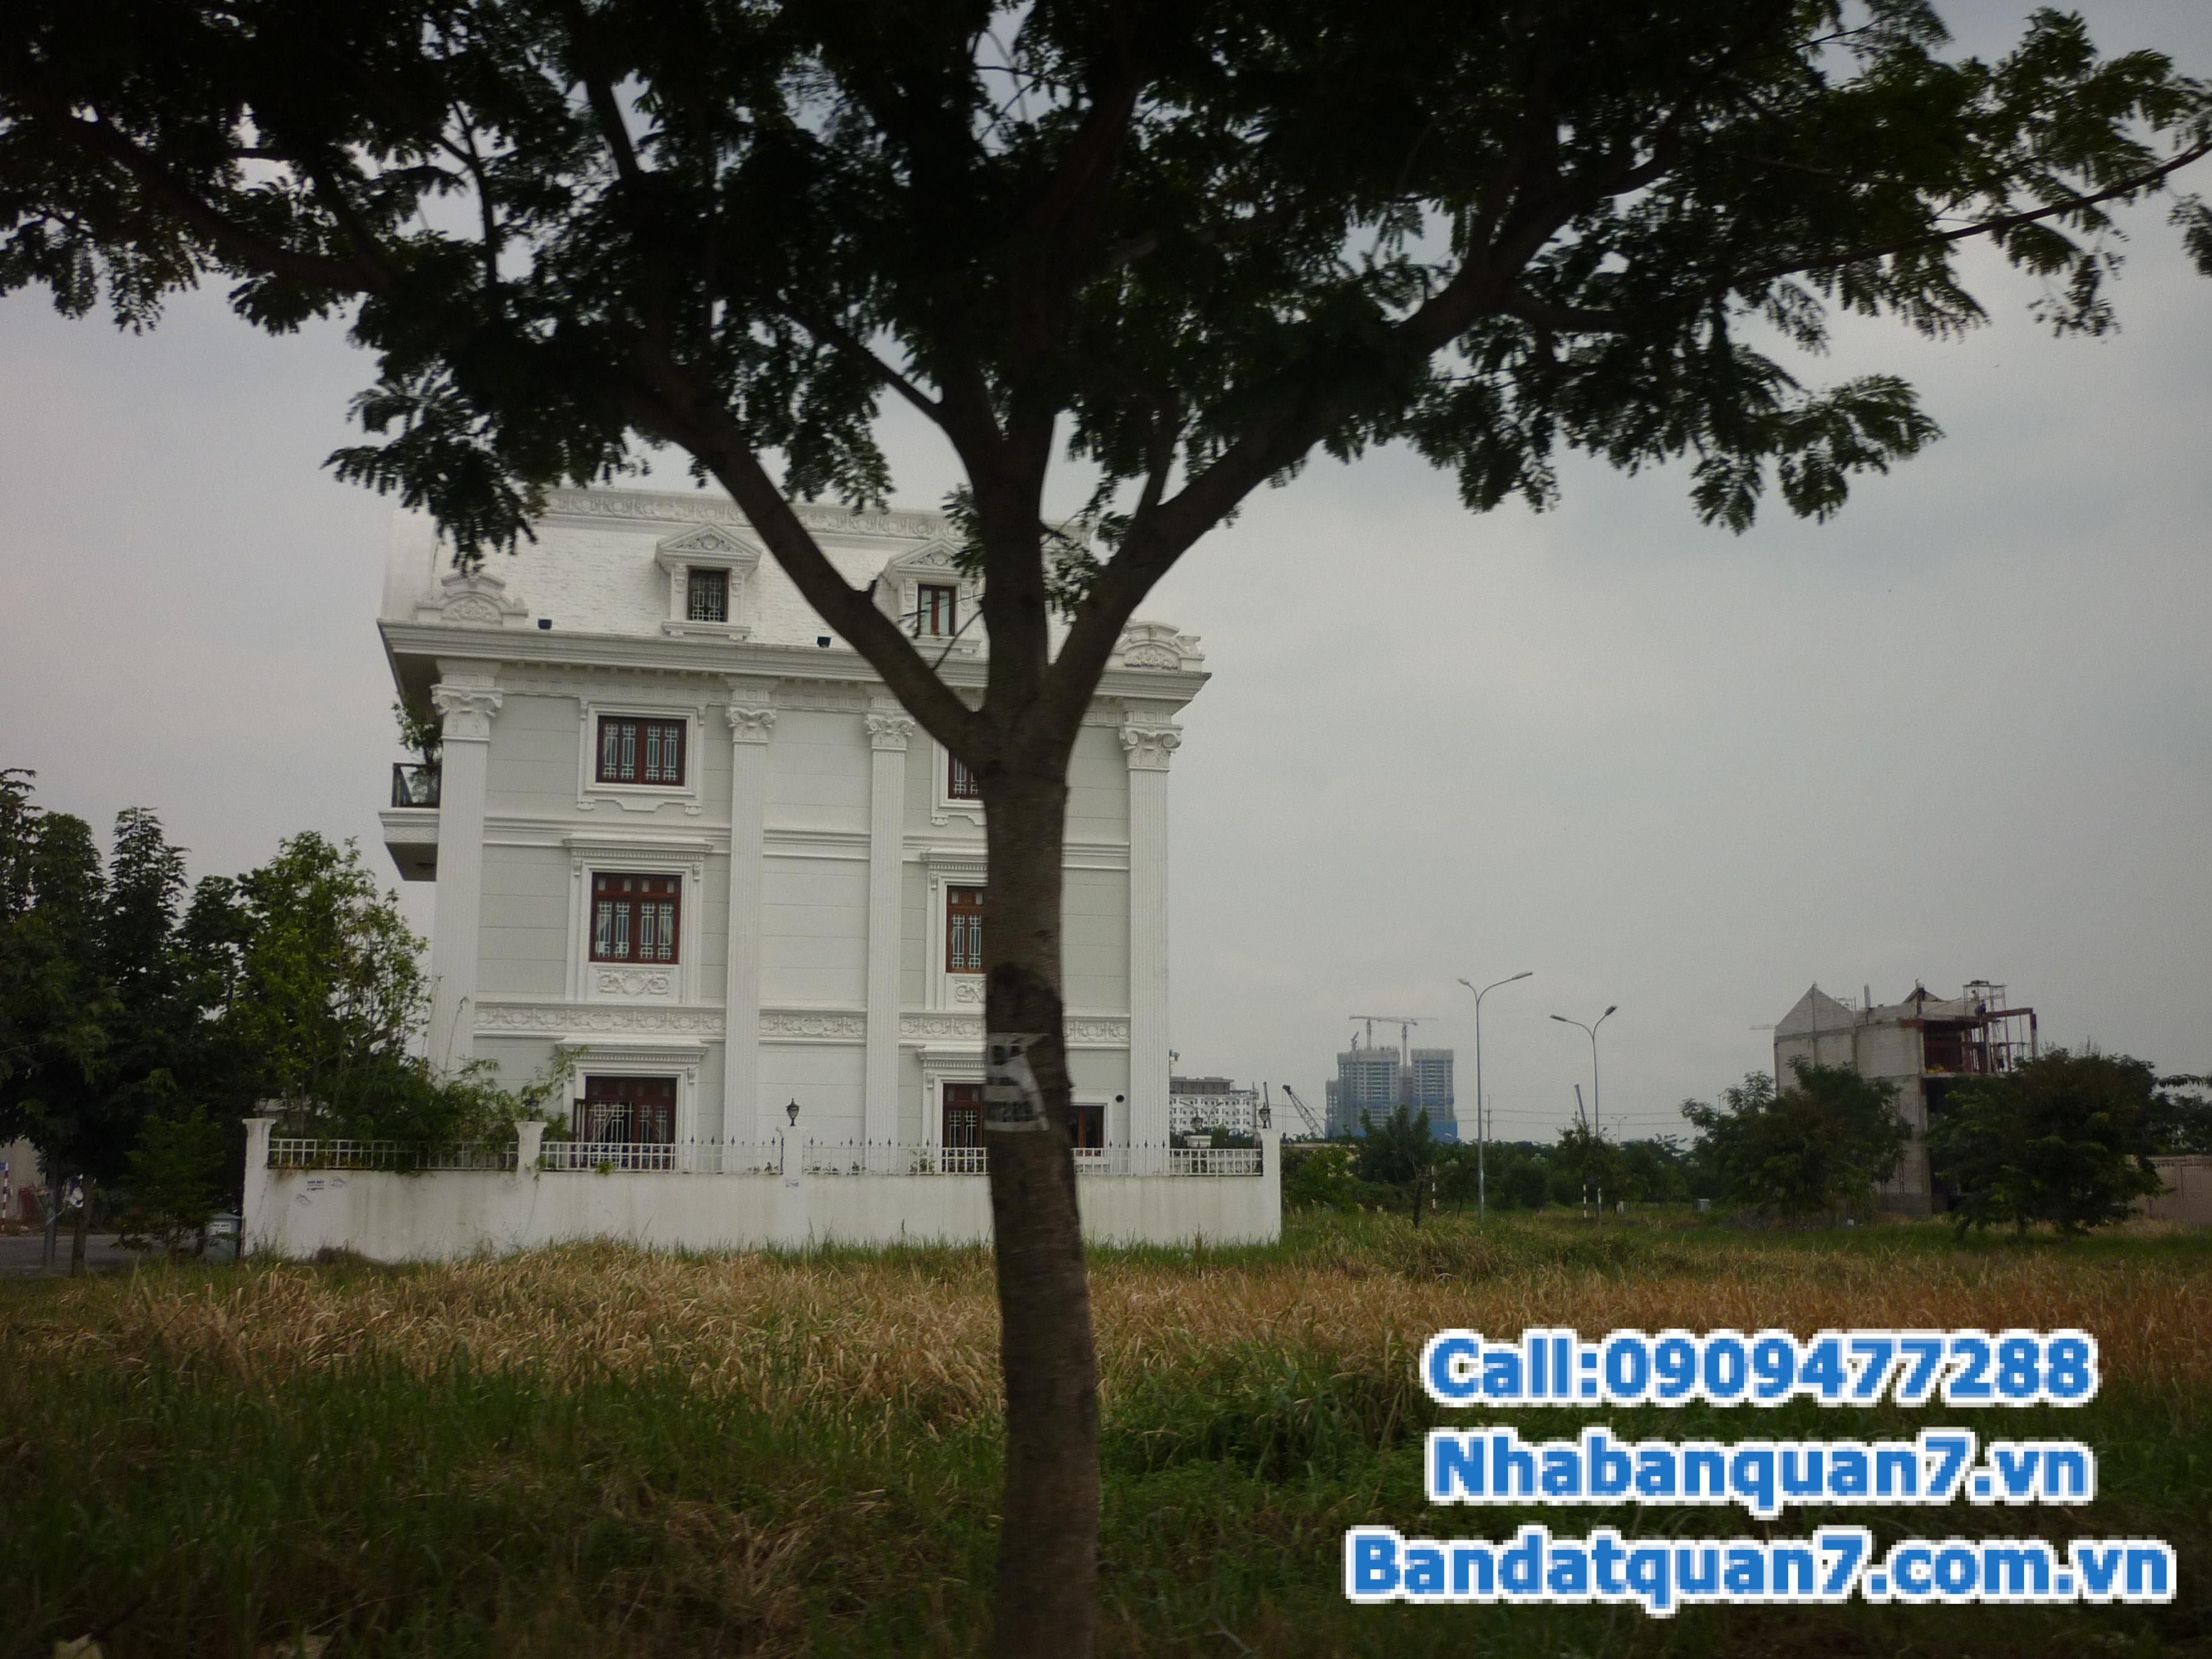 Cần bán nhanh lô đất Ven Sông Tân Phong Q7